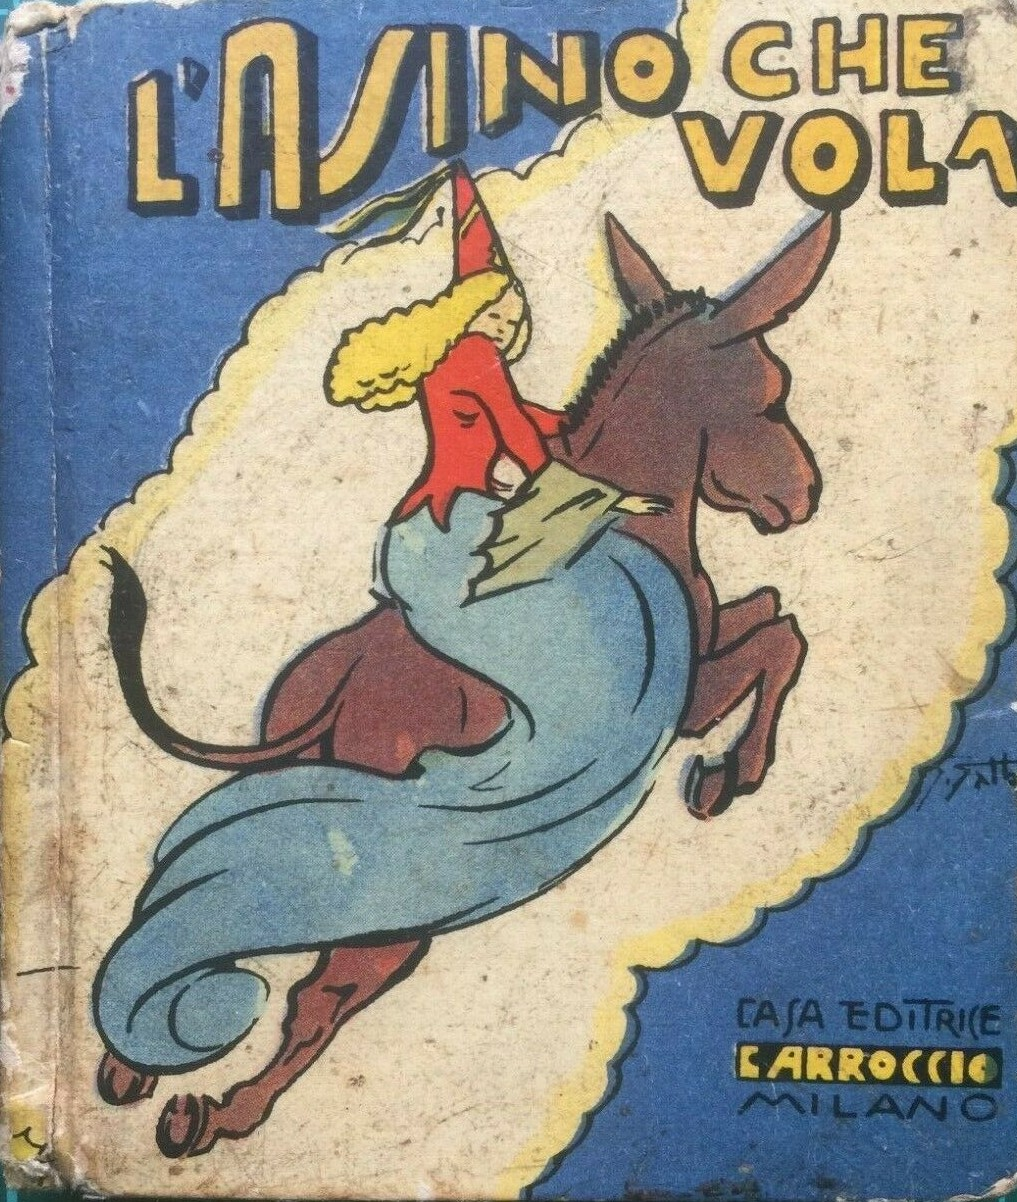 """""""L'Asinello che vola"""": un libricino per ragazzi raro e ricercato (con refuso) della Bibliotechina Balilla (1935)"""